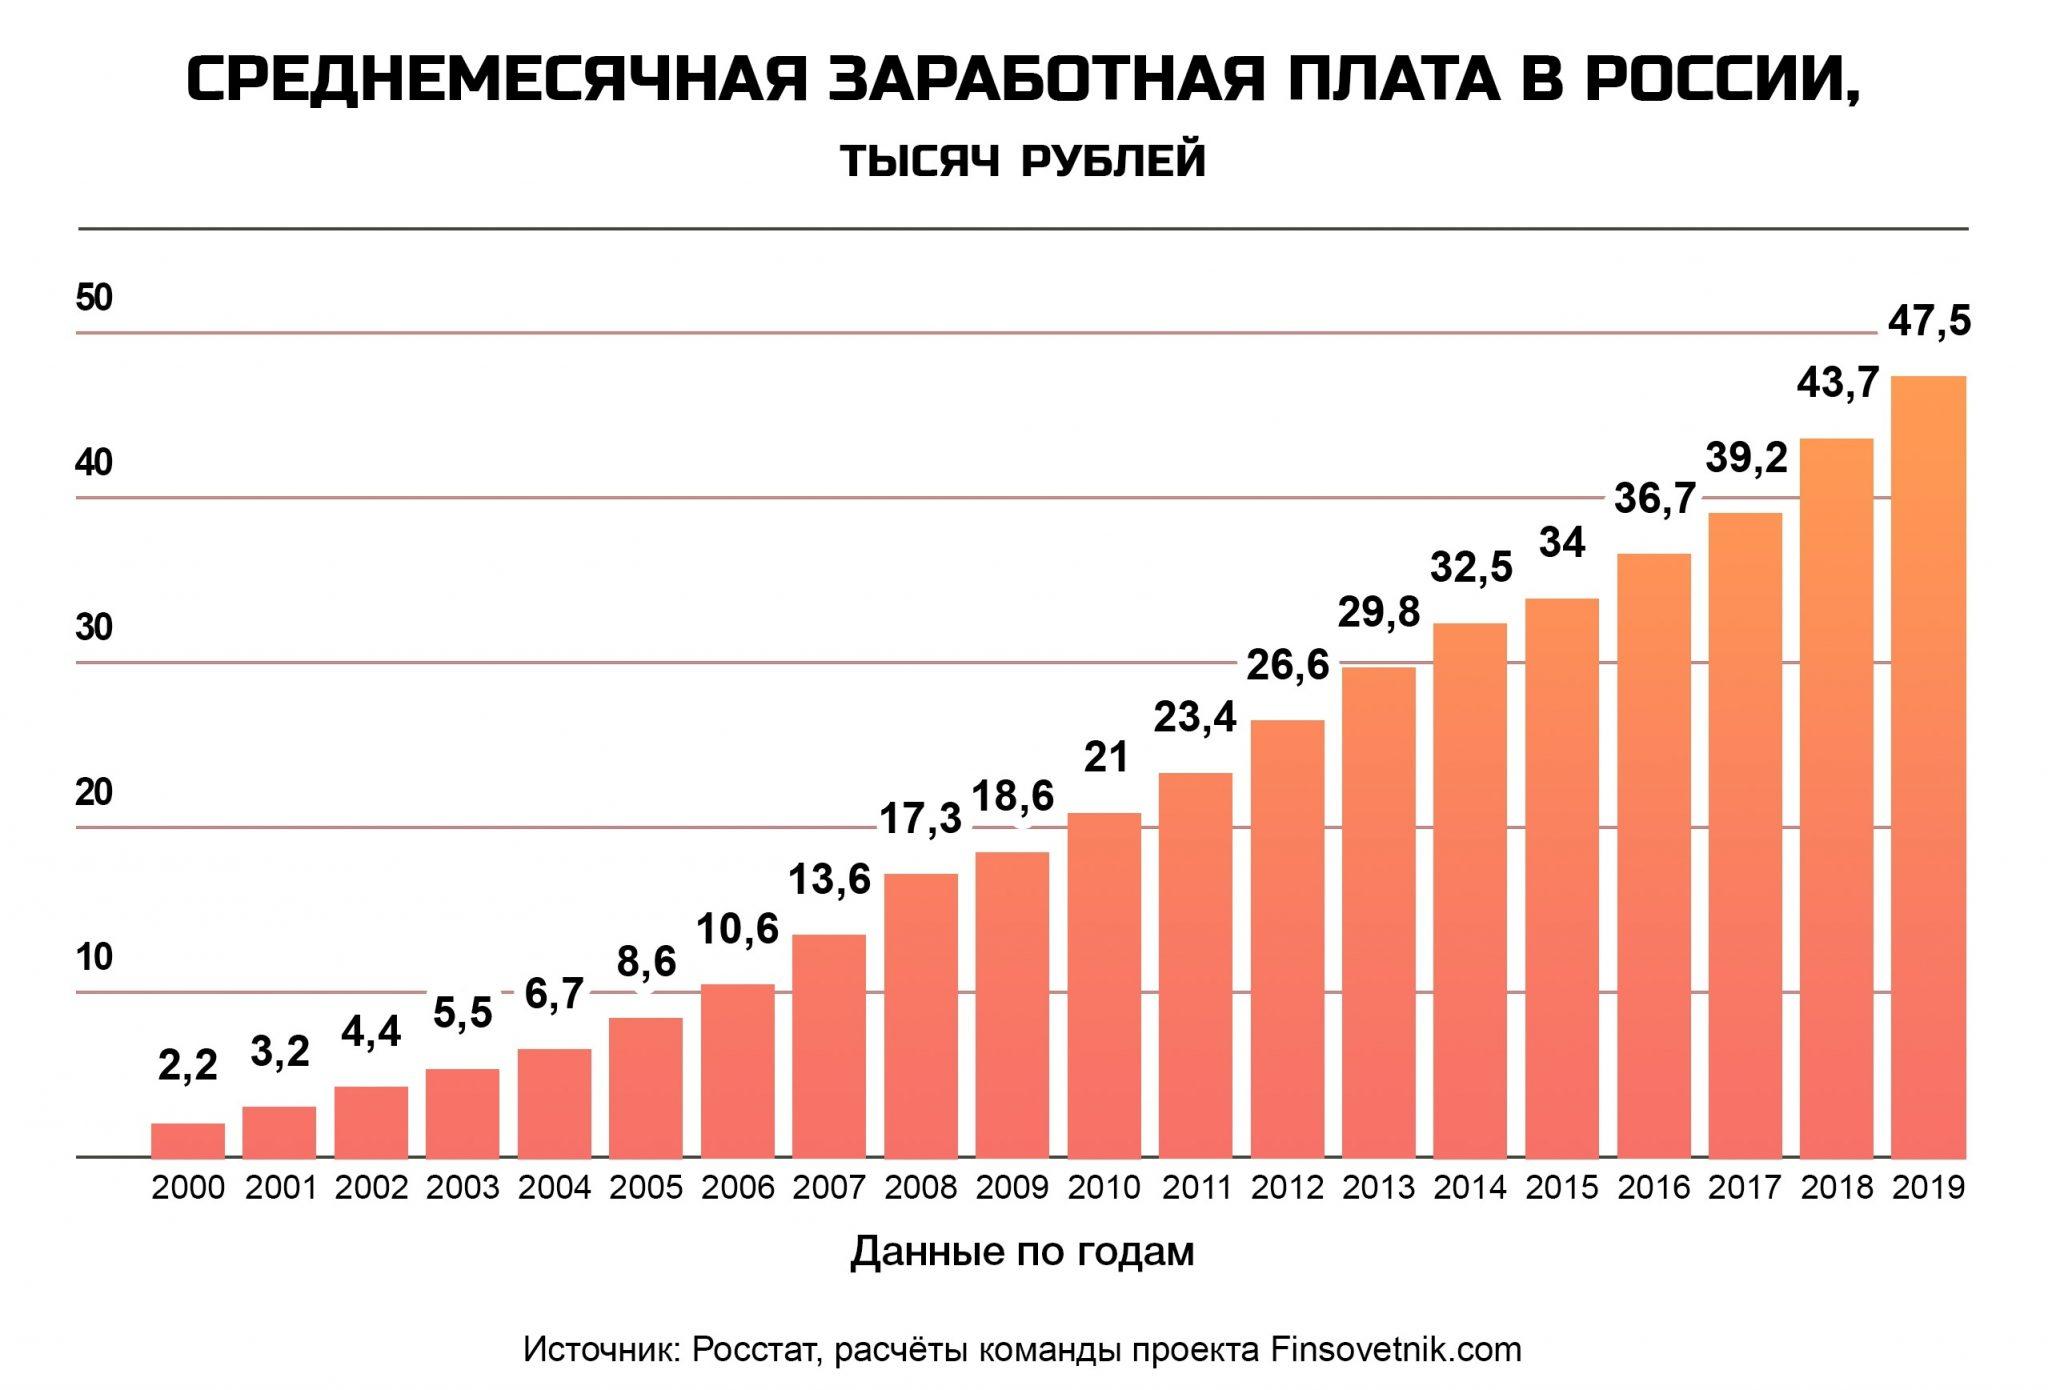 Динамика средней зарплаты в России